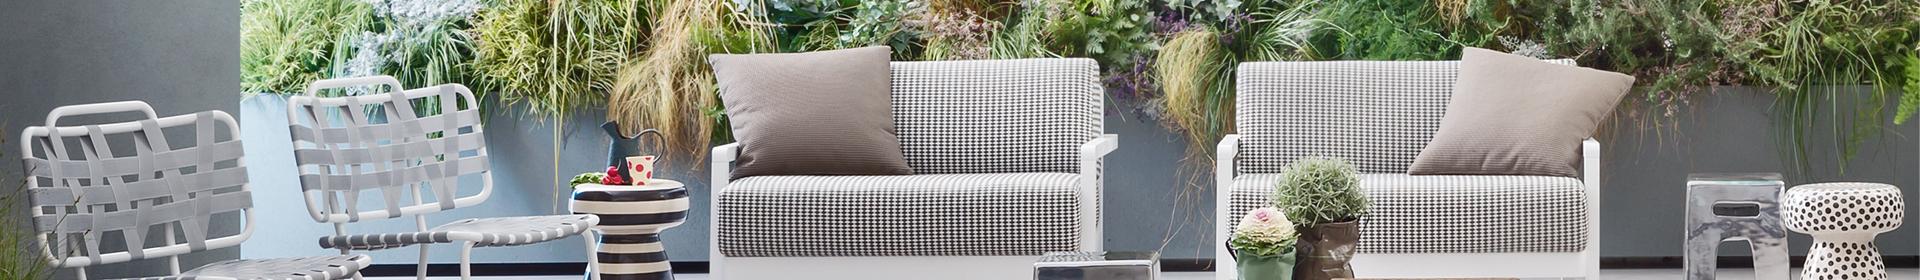 Arredamento outdoor shop online su dtime for Arredamento outdoor online